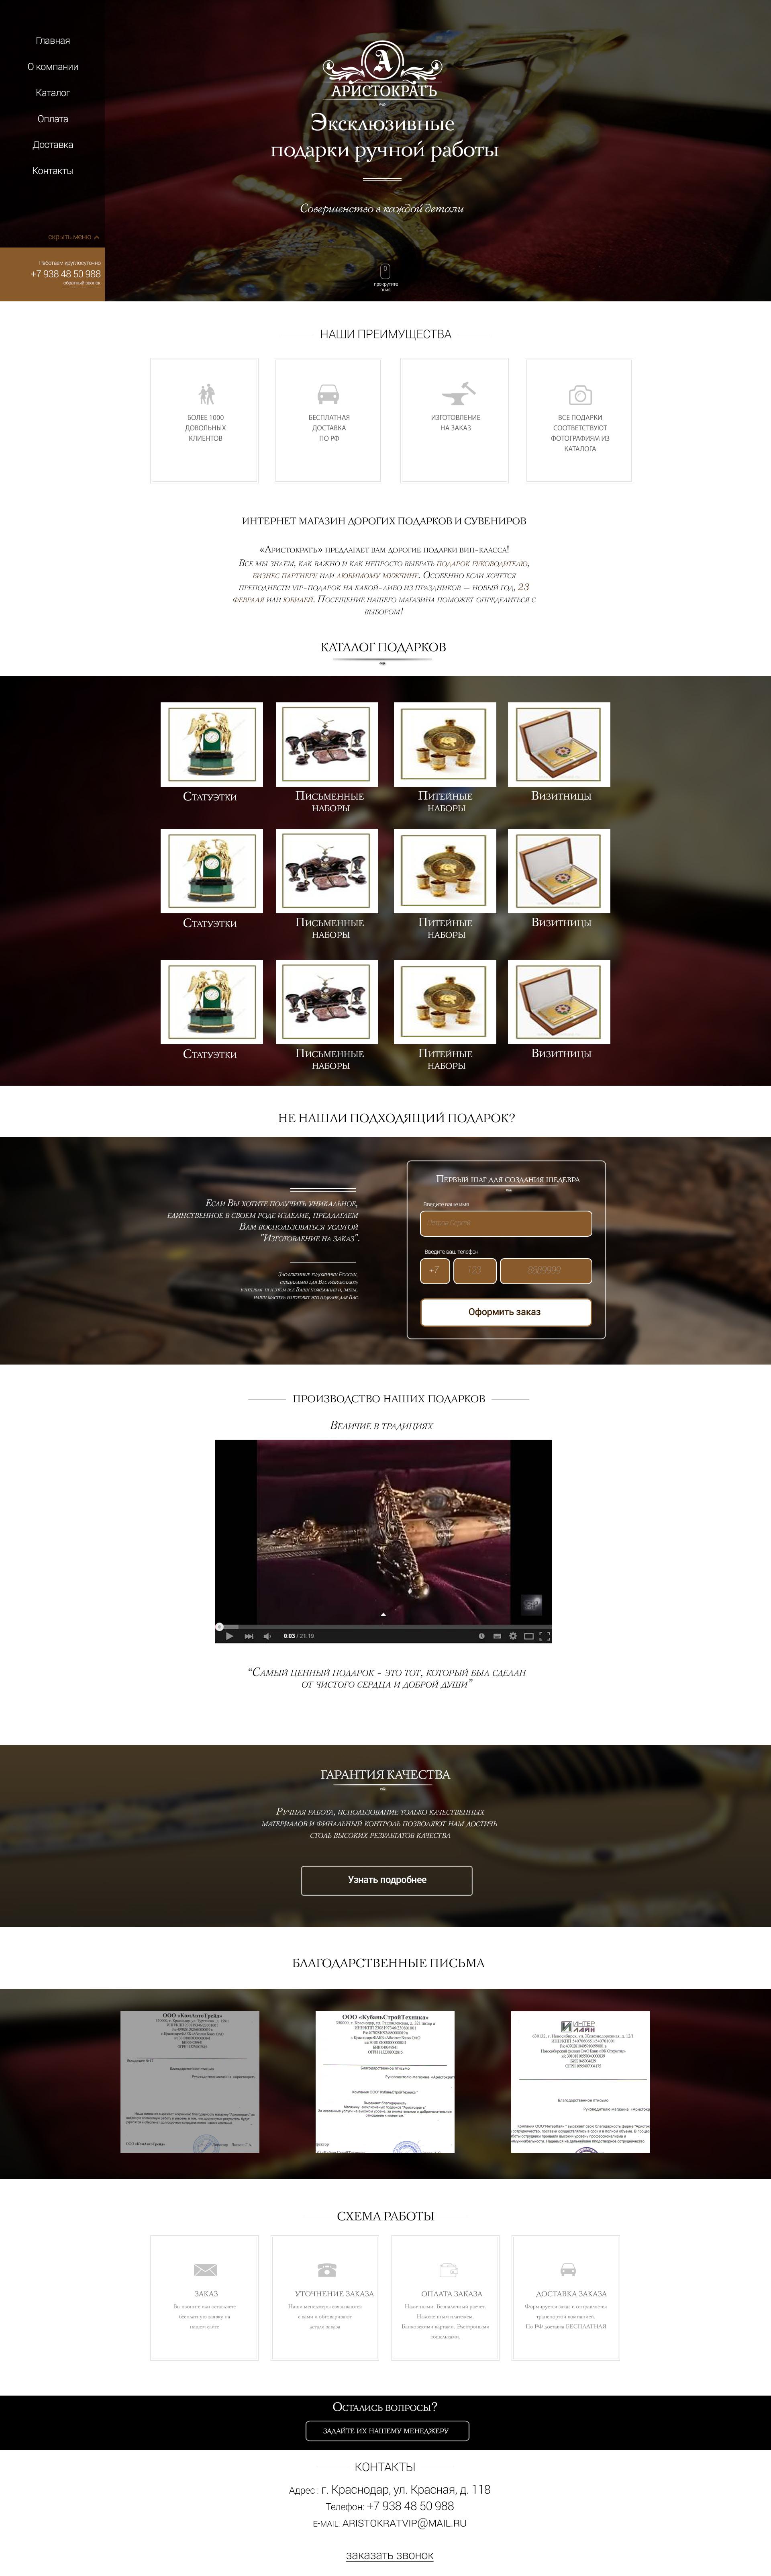 Разработка дизайна сайта для эксклюзивных подарков ручной работы